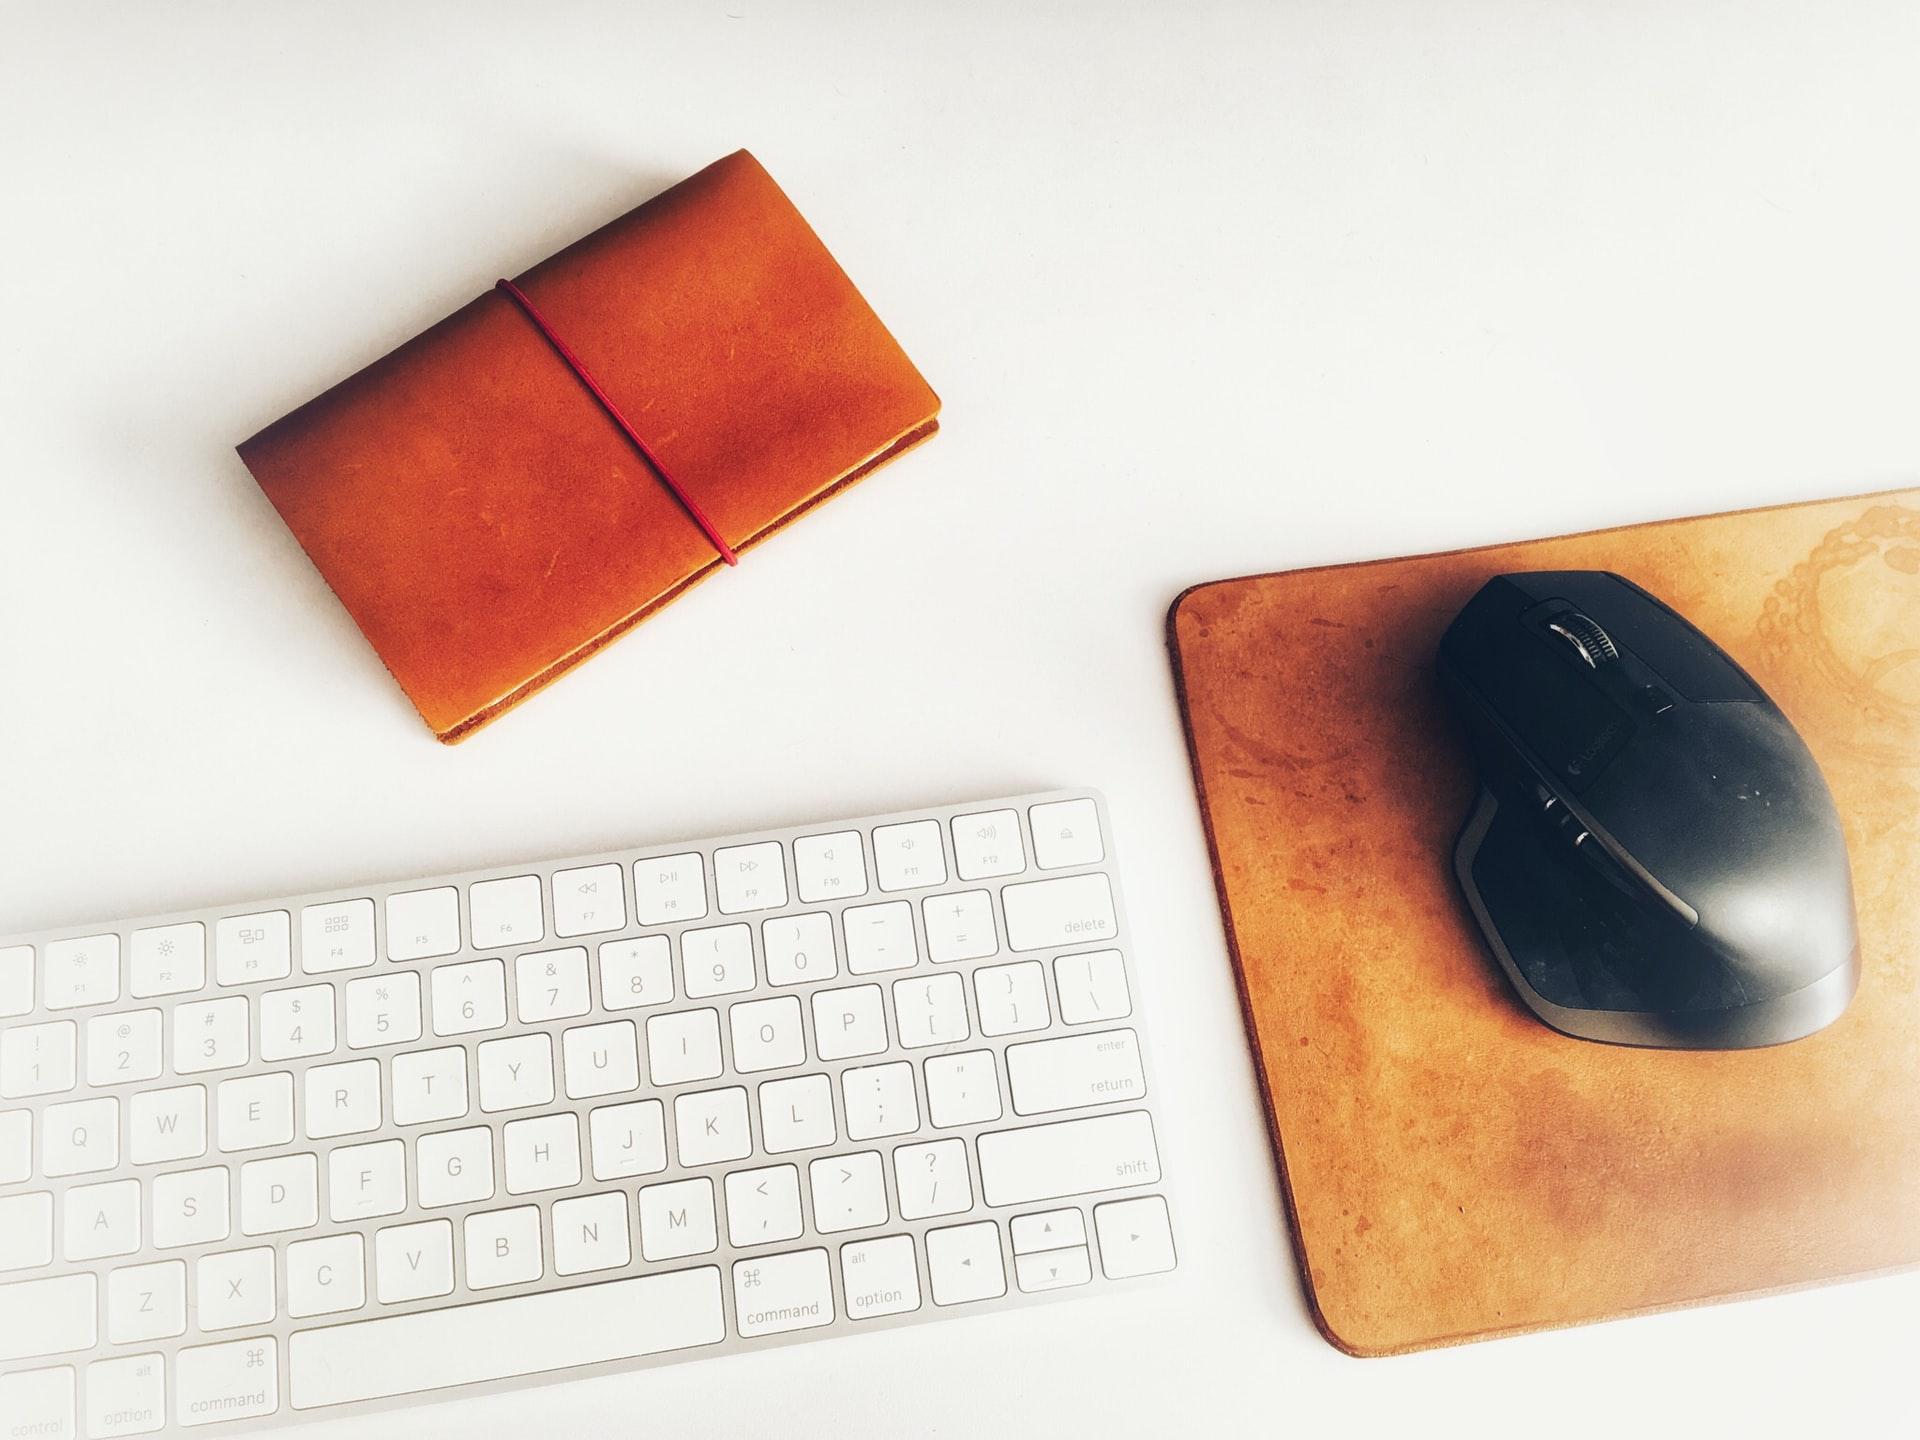 マウスとキーボードと手帳